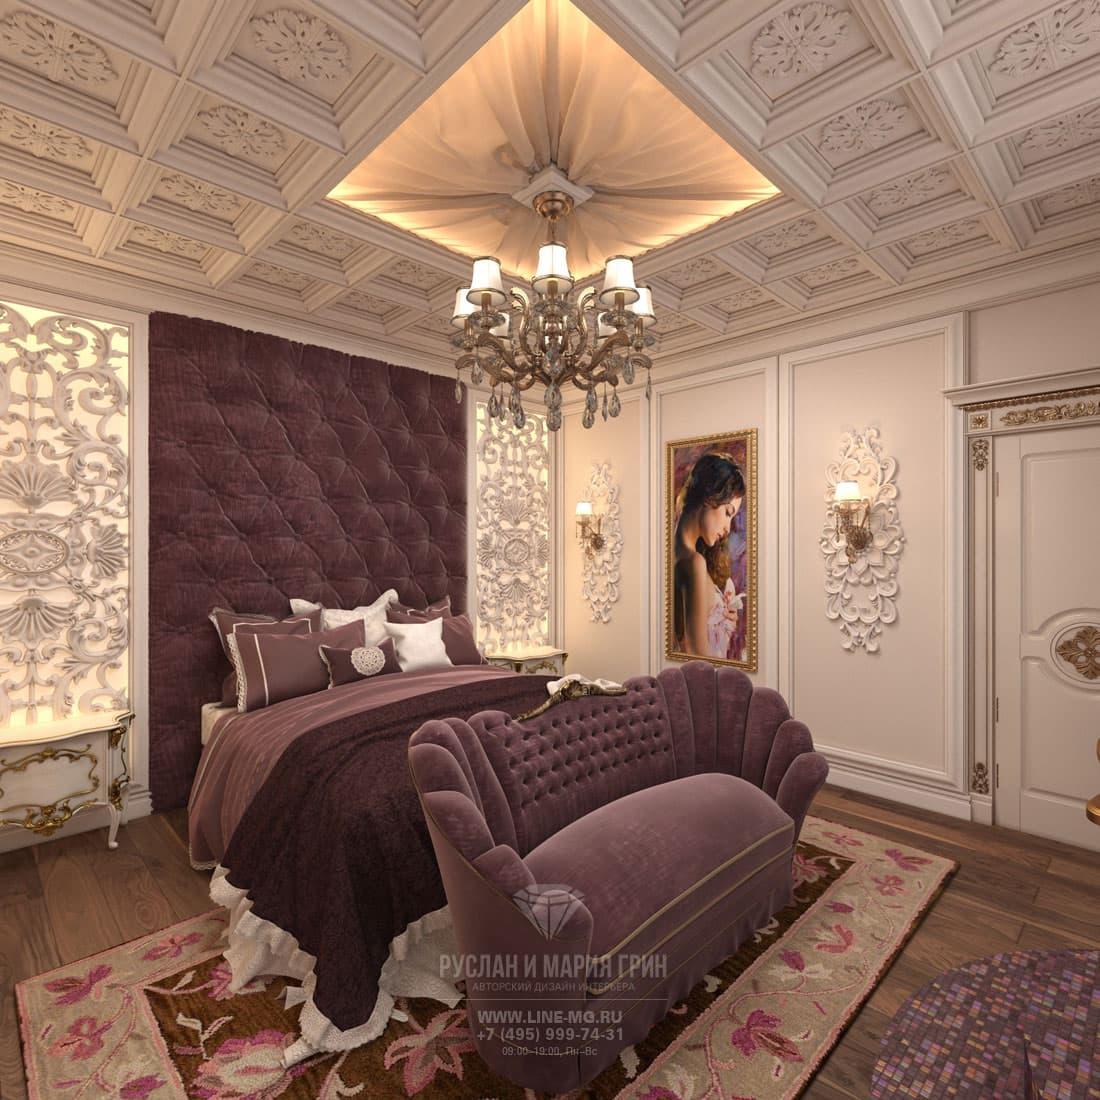 Дизайн спальни в классическом стиле. Фото